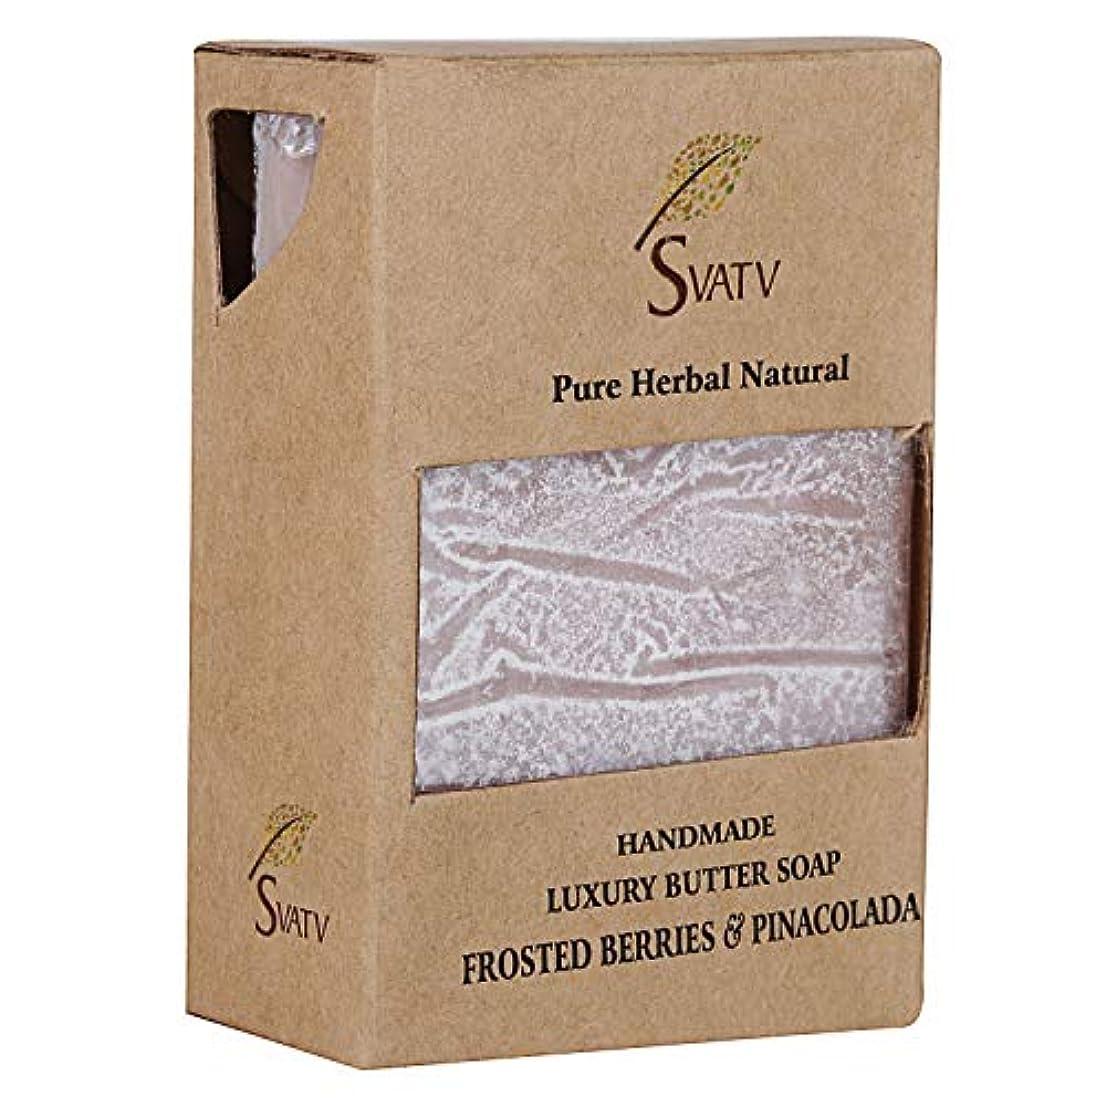 評価友情洞察力のあるSVATV Handmade Luxury Butter Soap Frosted Berries & Pinacolada For All Skin types 100g Bar